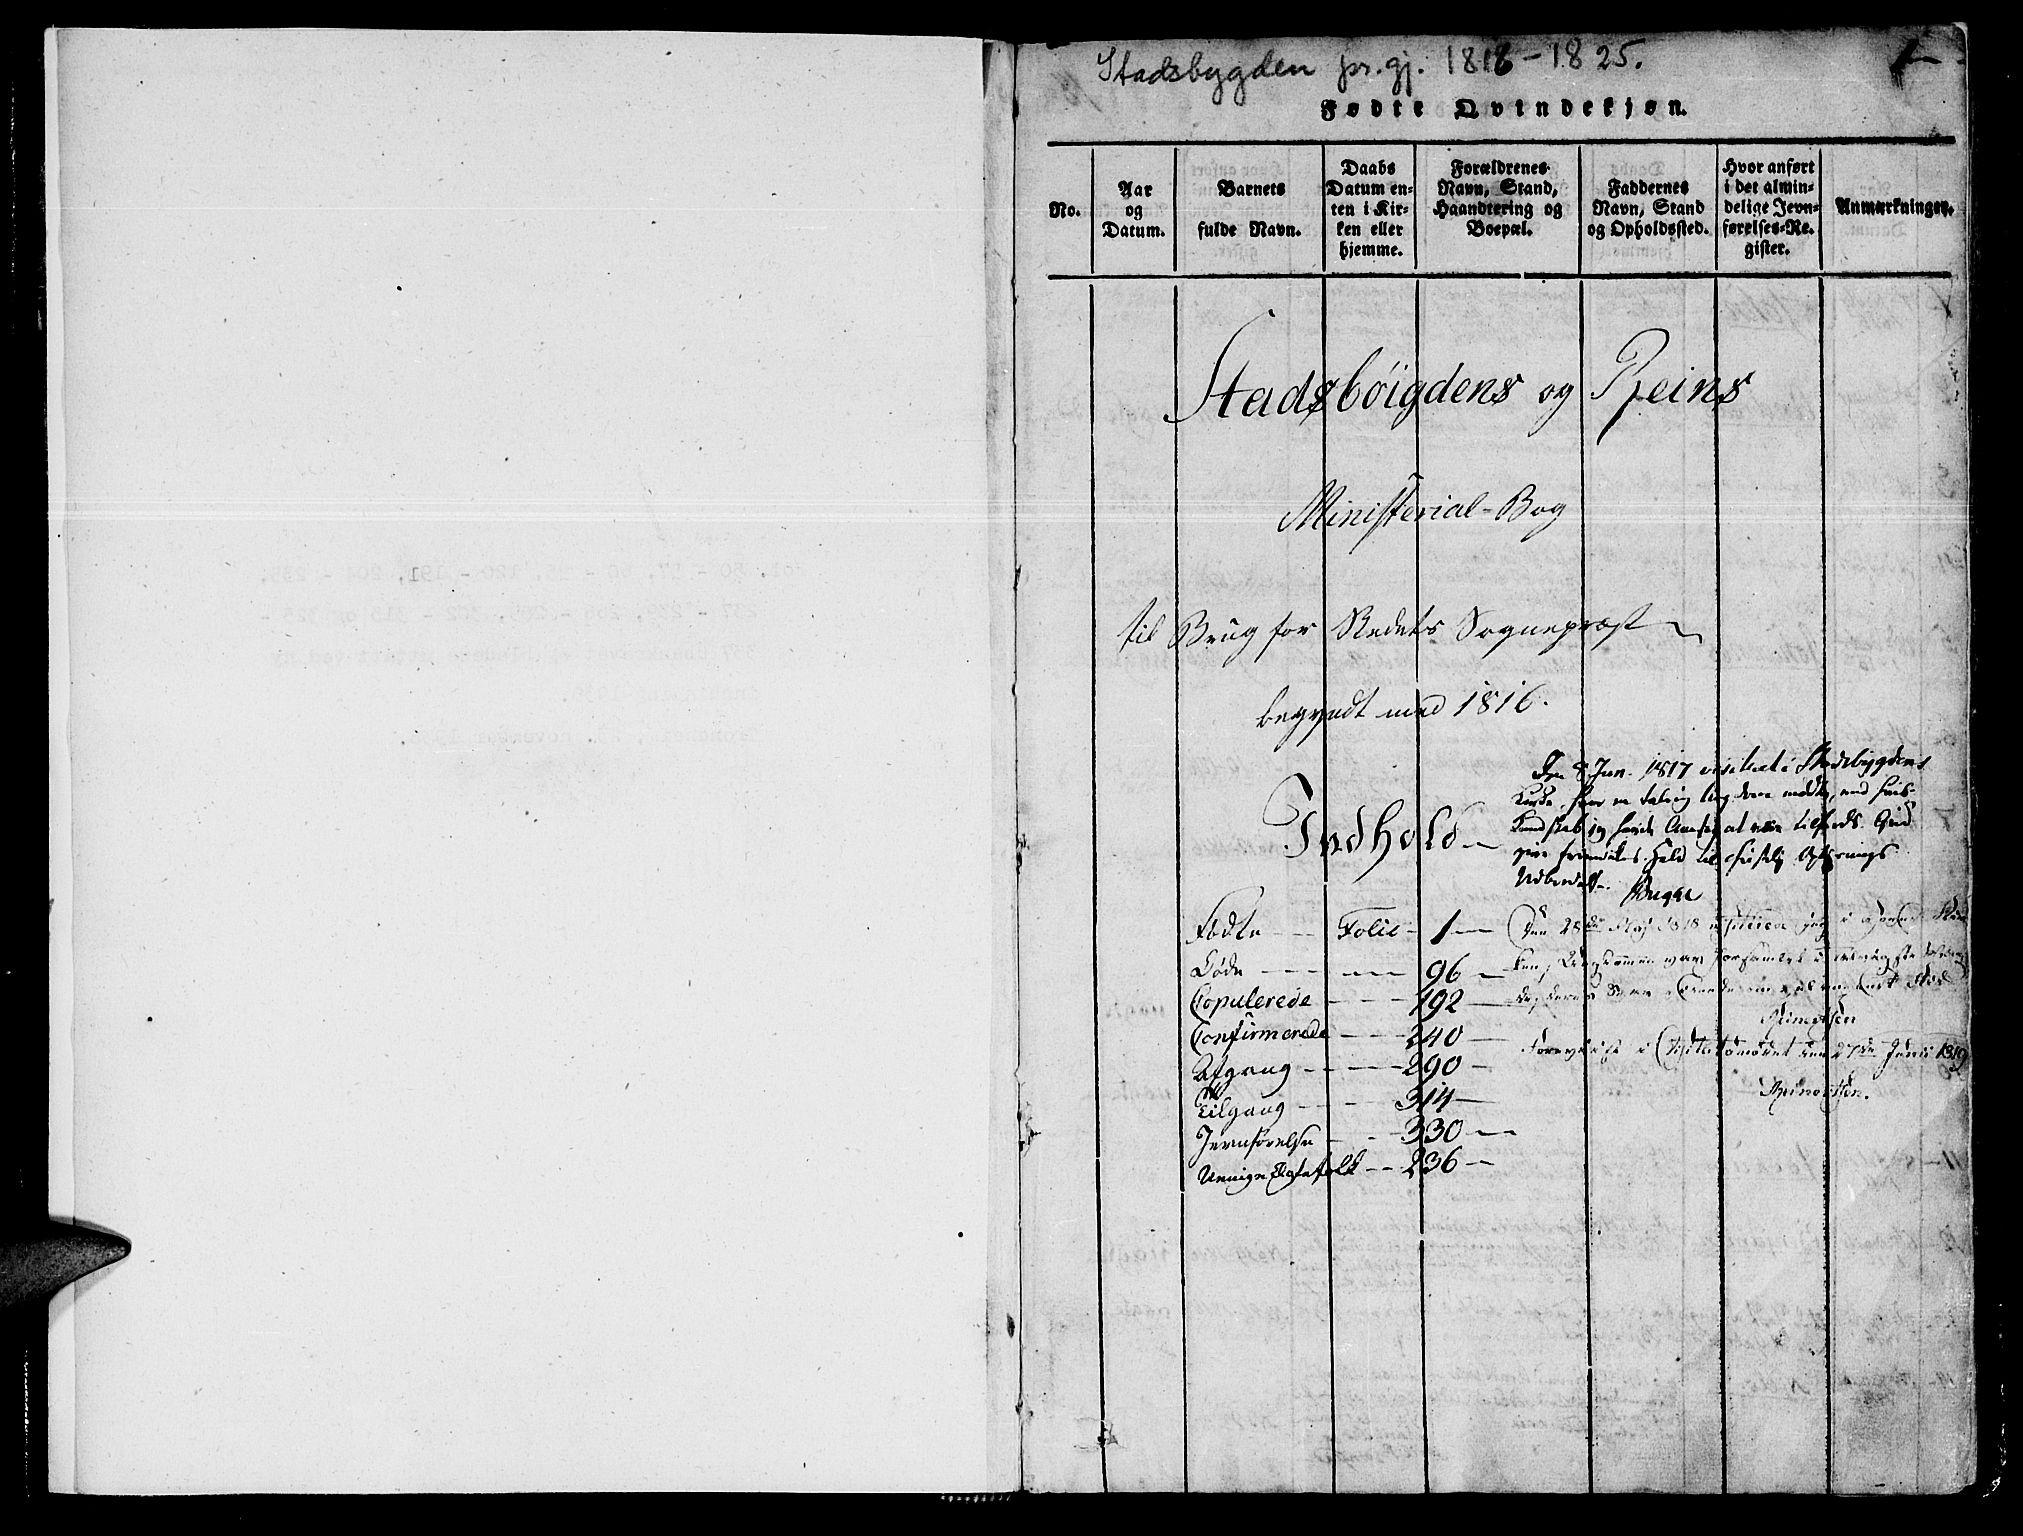 SAT, Ministerialprotokoller, klokkerbøker og fødselsregistre - Sør-Trøndelag, 646/L0608: Ministerialbok nr. 646A06, 1816-1825, s. 1